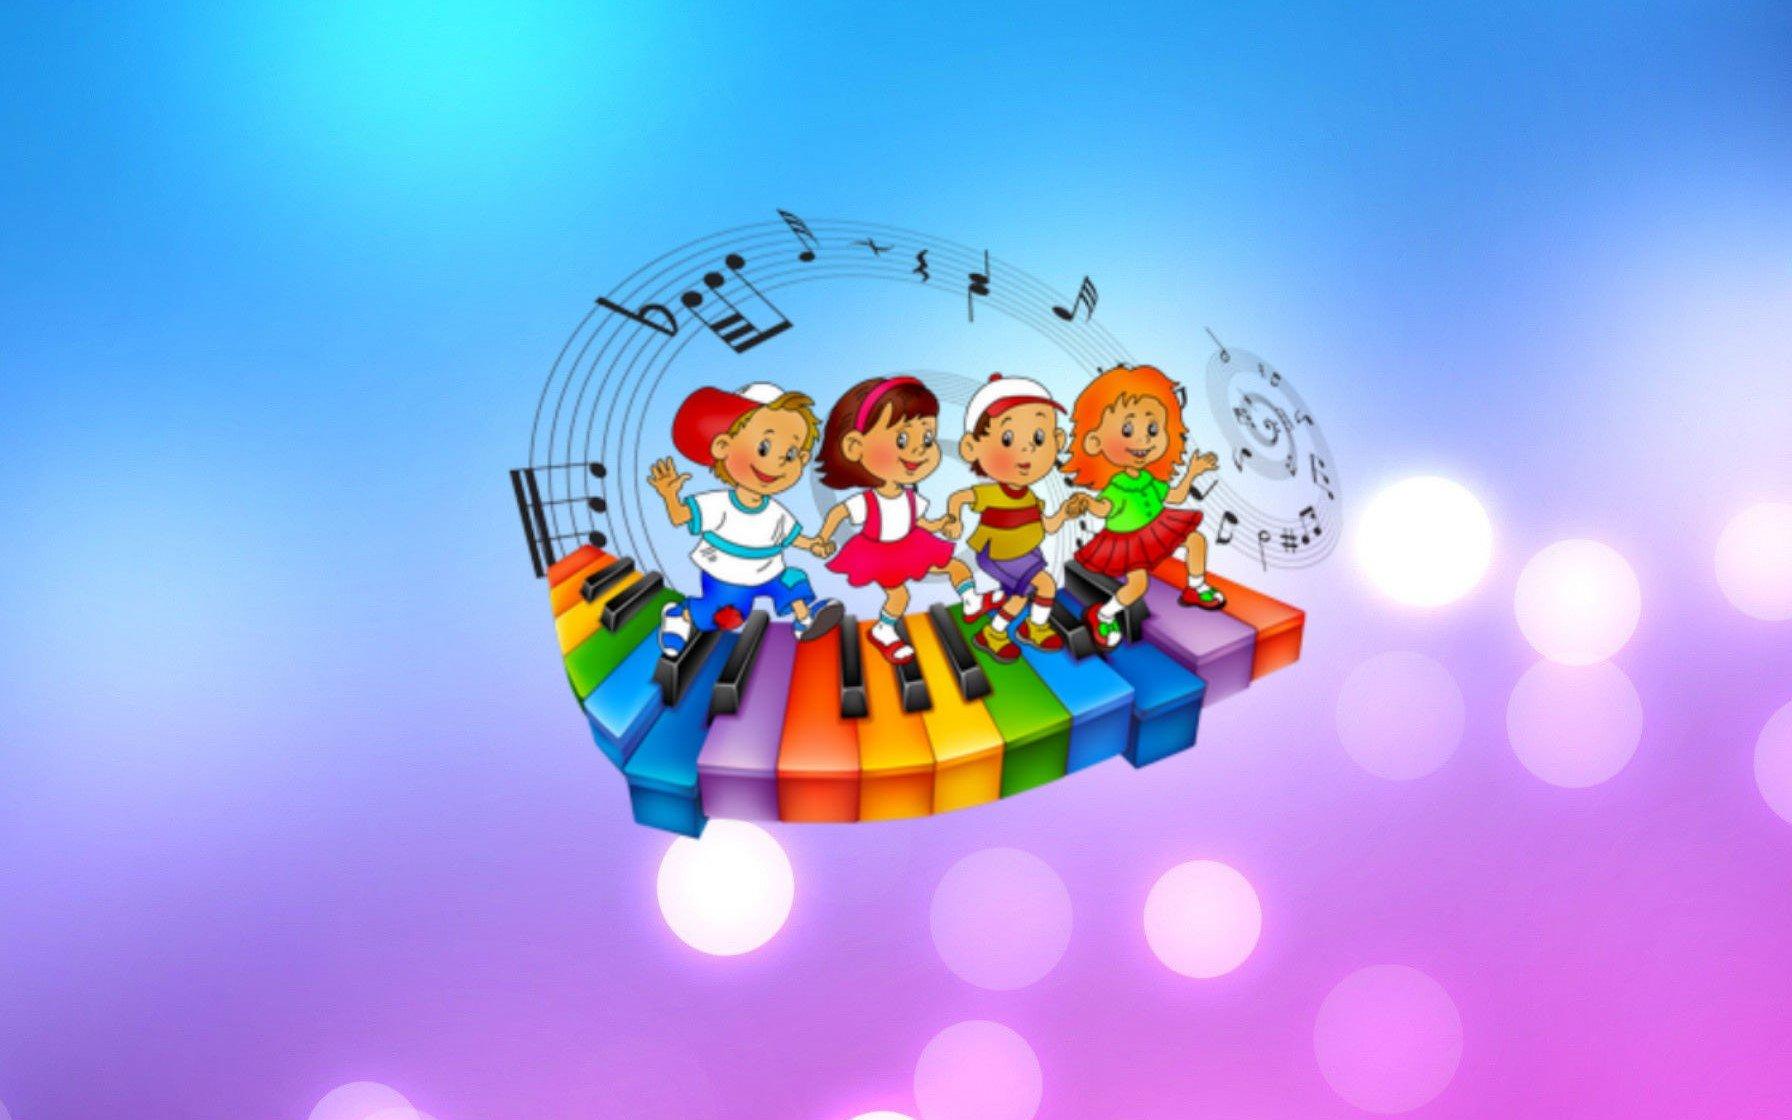 Картинка для детей станция музыкальная